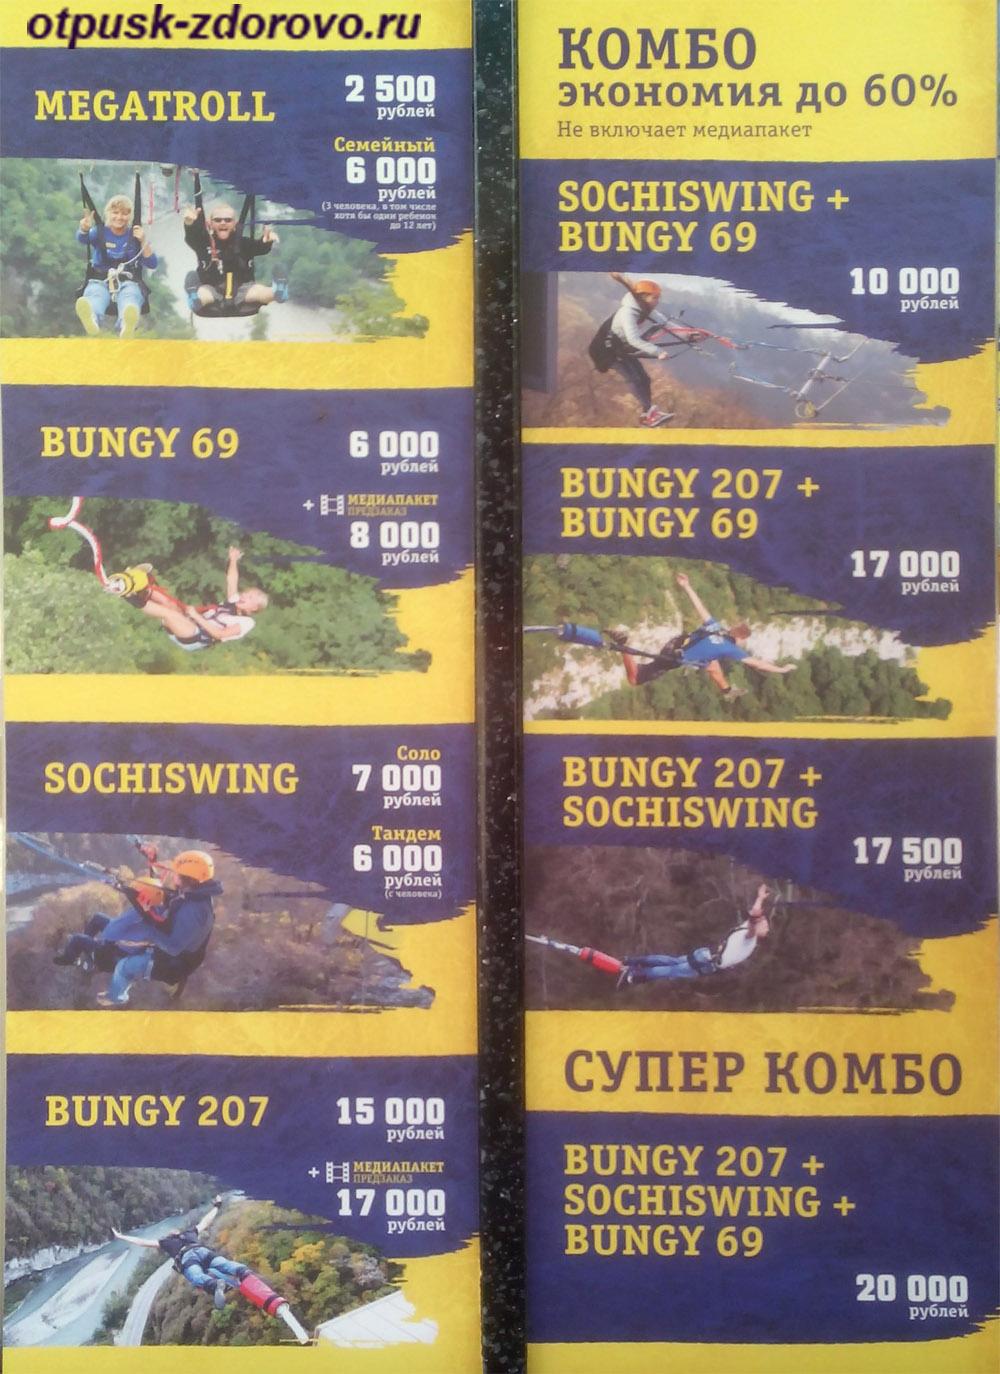 Цены на прыжки в СкайПарке, Сочи